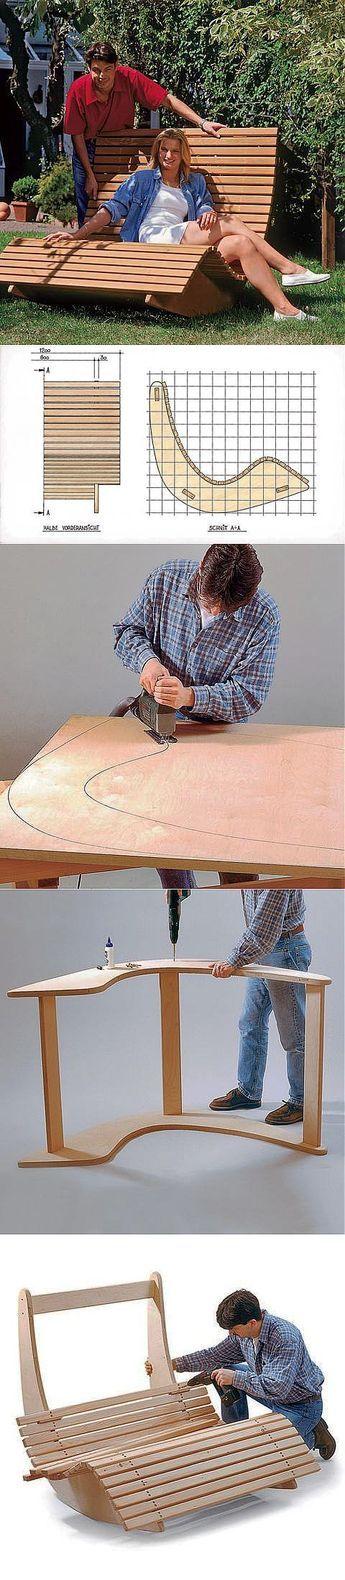 Кресло-качалка для двоих своими руками.Недавно в Интернете нашла очень интересную информацию о том, как сделать кресло-качалку своими руками. На фотографиях все достаточно понятно изображено. Предлагаю вам эту идею.